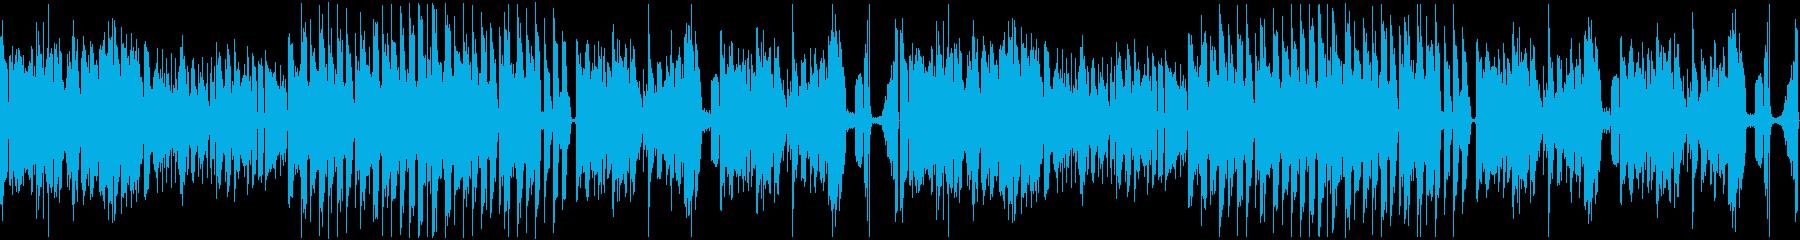 オープニングに最適な激しいBGMの再生済みの波形